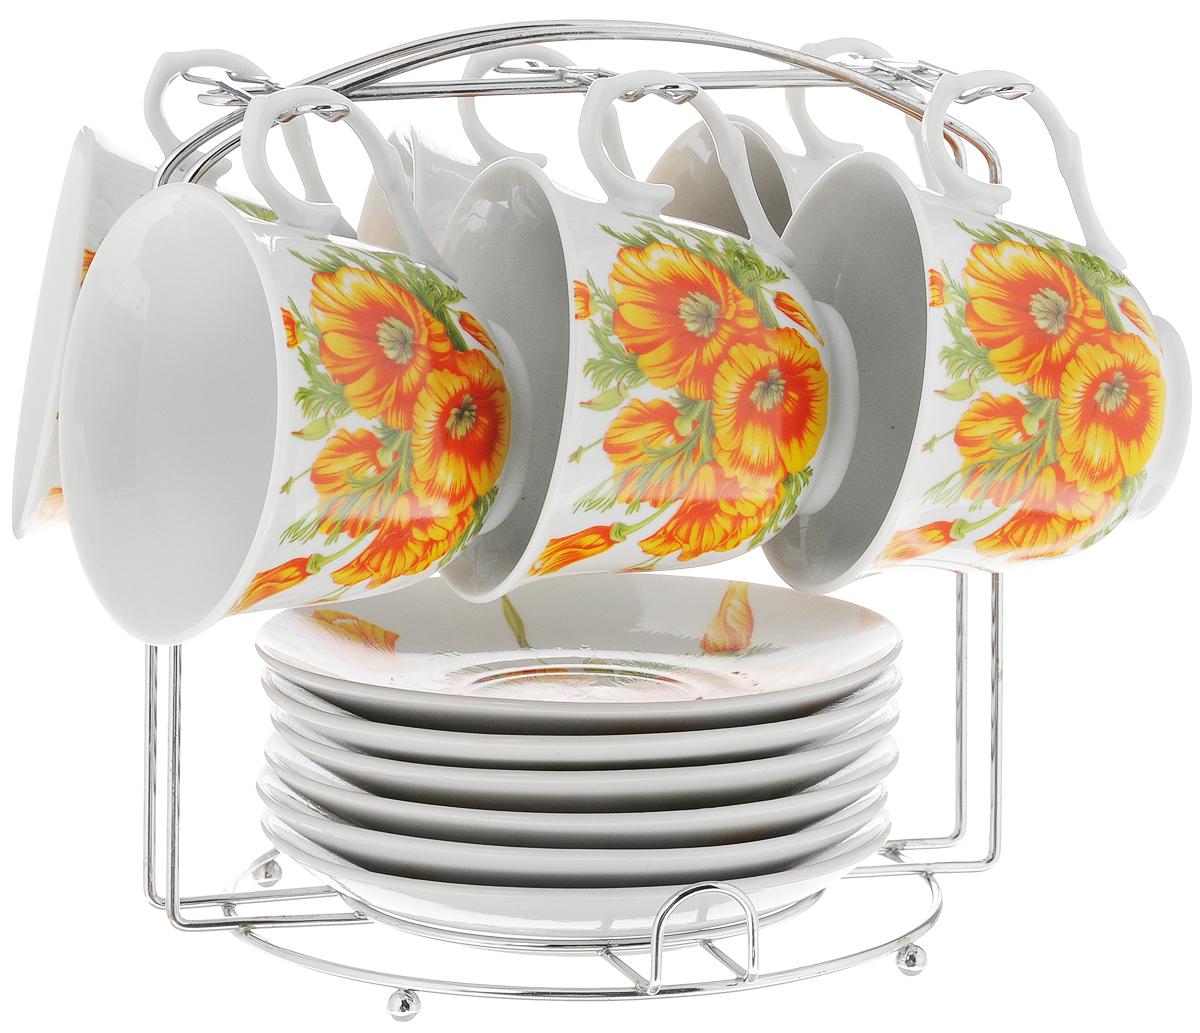 Набор чайный Bella, на подставке, 13 предметов. DL-P6MS-163DL-P6MS-163Набор Bella состоит из шести чашек и шести блюдец, изготовленных из высококачественного фарфора. Чашки оформлены красочным цветочным рисунком. Изделия расположены на металлической подставке. Такой набор подходит для подачи чая или кофе. Изящный дизайн придется по вкусу и ценителям классики, и тем, кто предпочитает утонченность и изысканность. Он настроит на позитивный лад и подарит хорошее настроение с самого утра. Чайный набор Bella - идеальный и необходимый подарок для вашего дома и для ваших друзей в праздники. Рекомендуется мыть вручную с применением любых моющих средств, предназначенных для мытья посуды и стекла. Кроме абразивных средств, так как может привести к появлению царапин на поверхности изделия и, соответственно, к ухудшению его внешнего вида. Объем чашки: 250 мл. Диаметр чашки (по верхнему краю): 9 см. Высота чашки: 7,3 см. Диаметр блюдца: 13,5 см. Высота блюдца: 2 см. Размер...